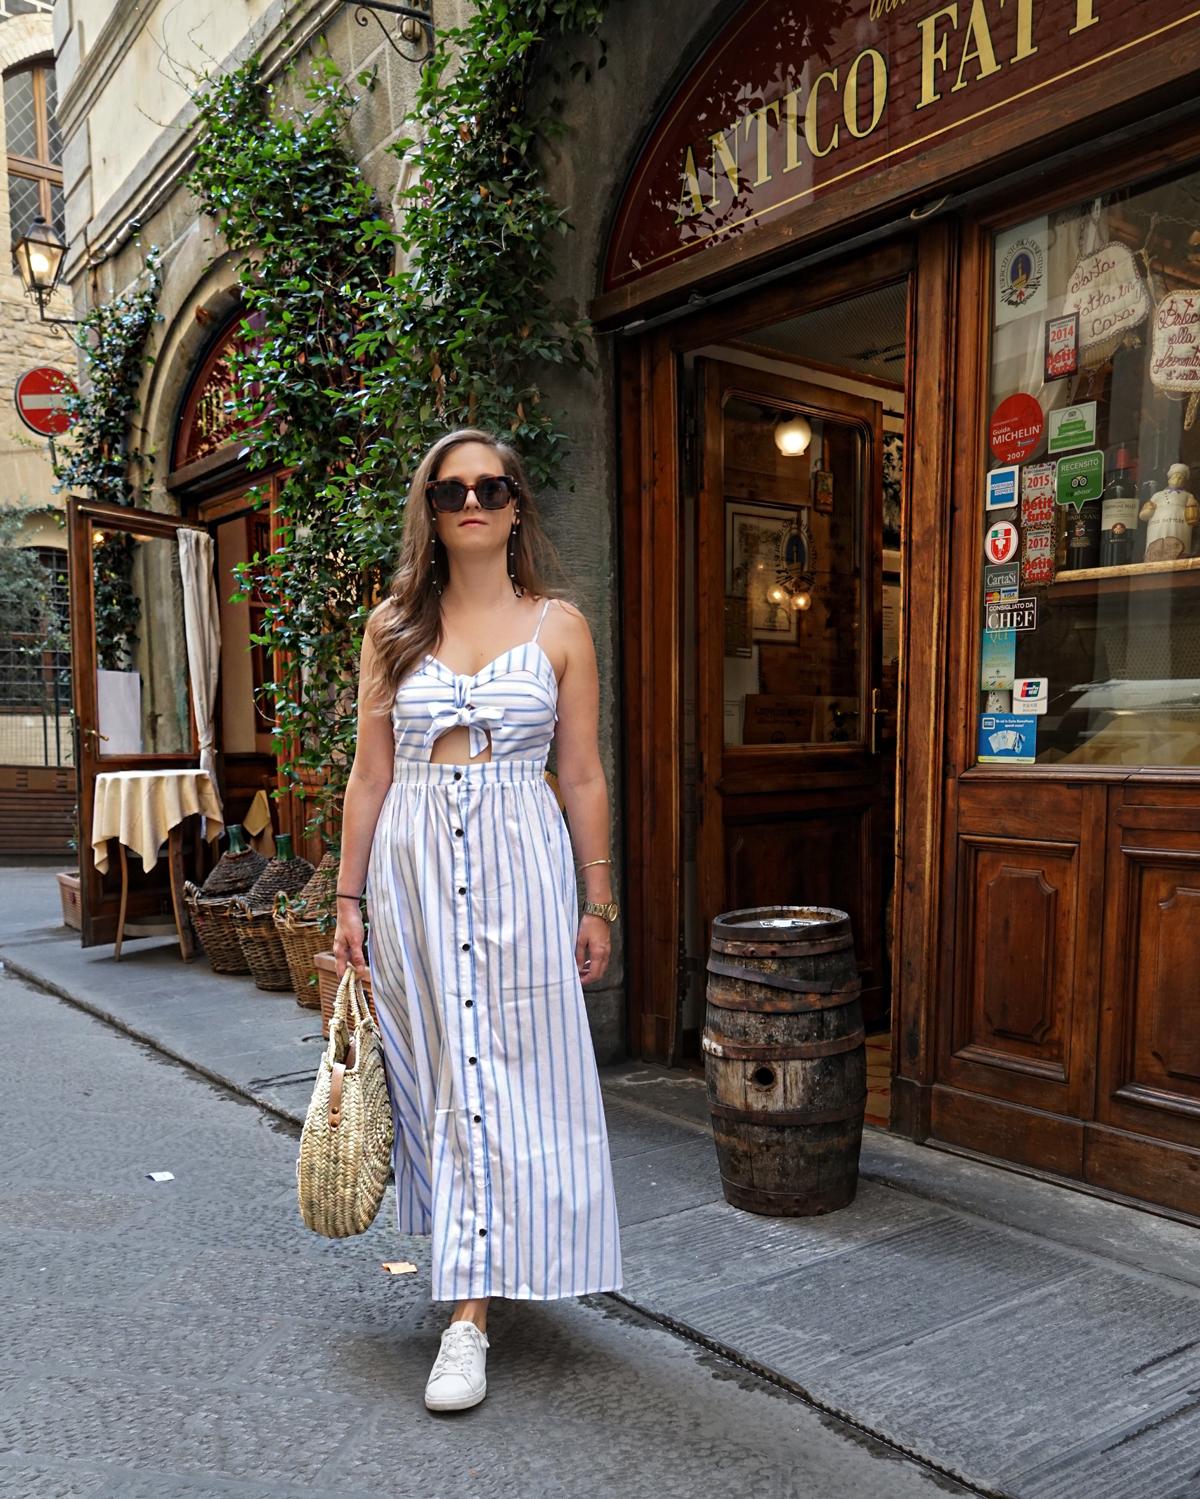 Ein weisses Kleid mit blauen Streifen, dazu eine Strohtasche und weisse Sneakers für eine Städtereise in Florenz, Italien.